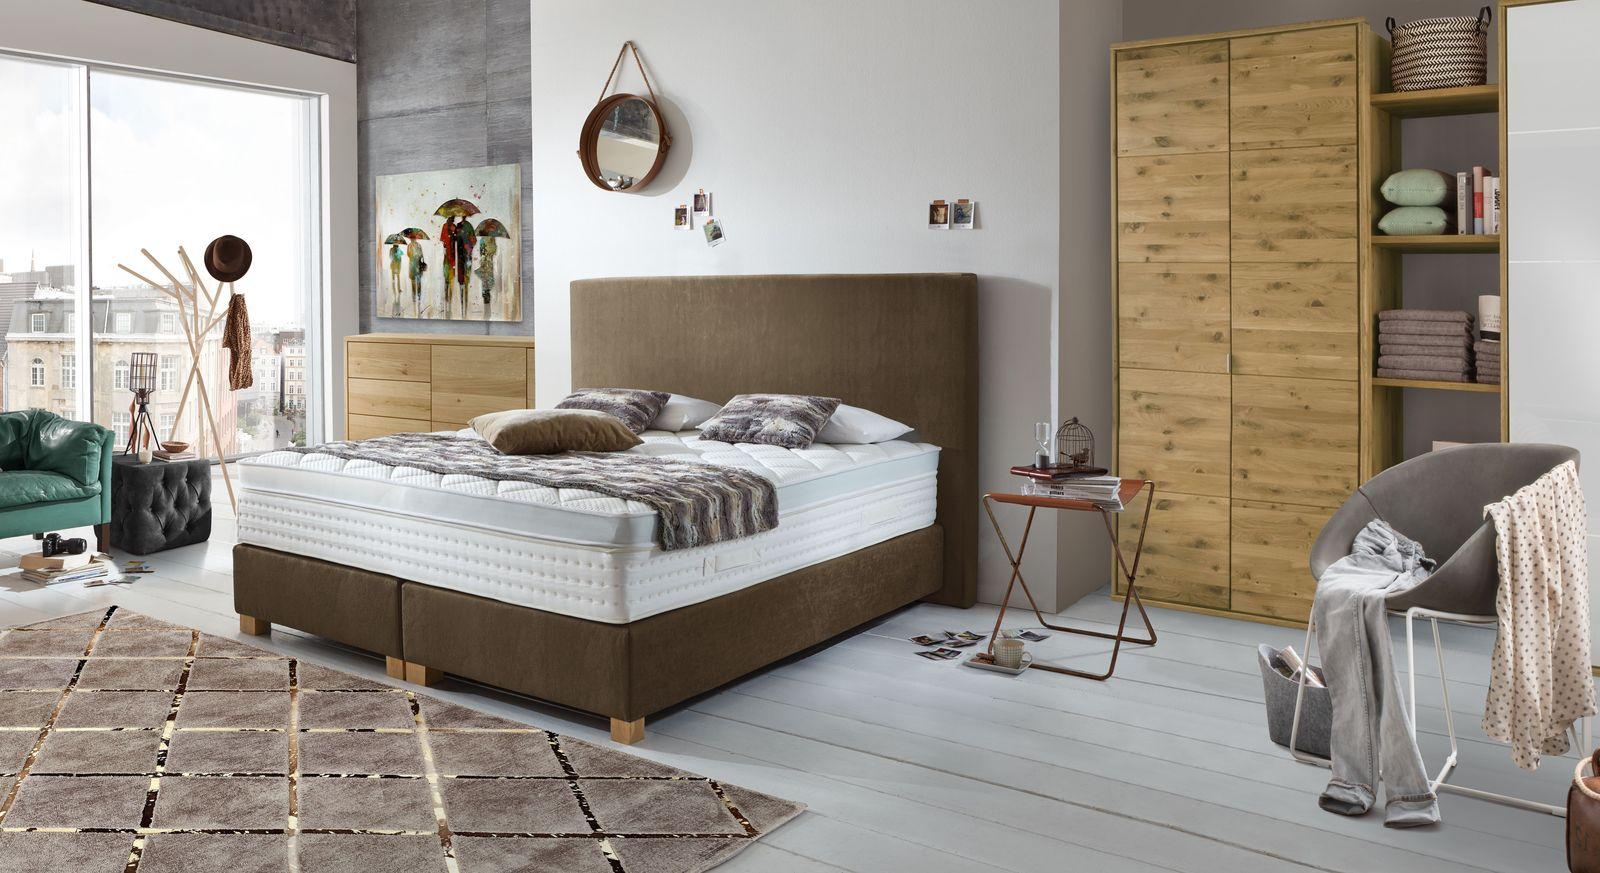 Boxspringbett Independence mit passenden Schlafzimmermöbeln